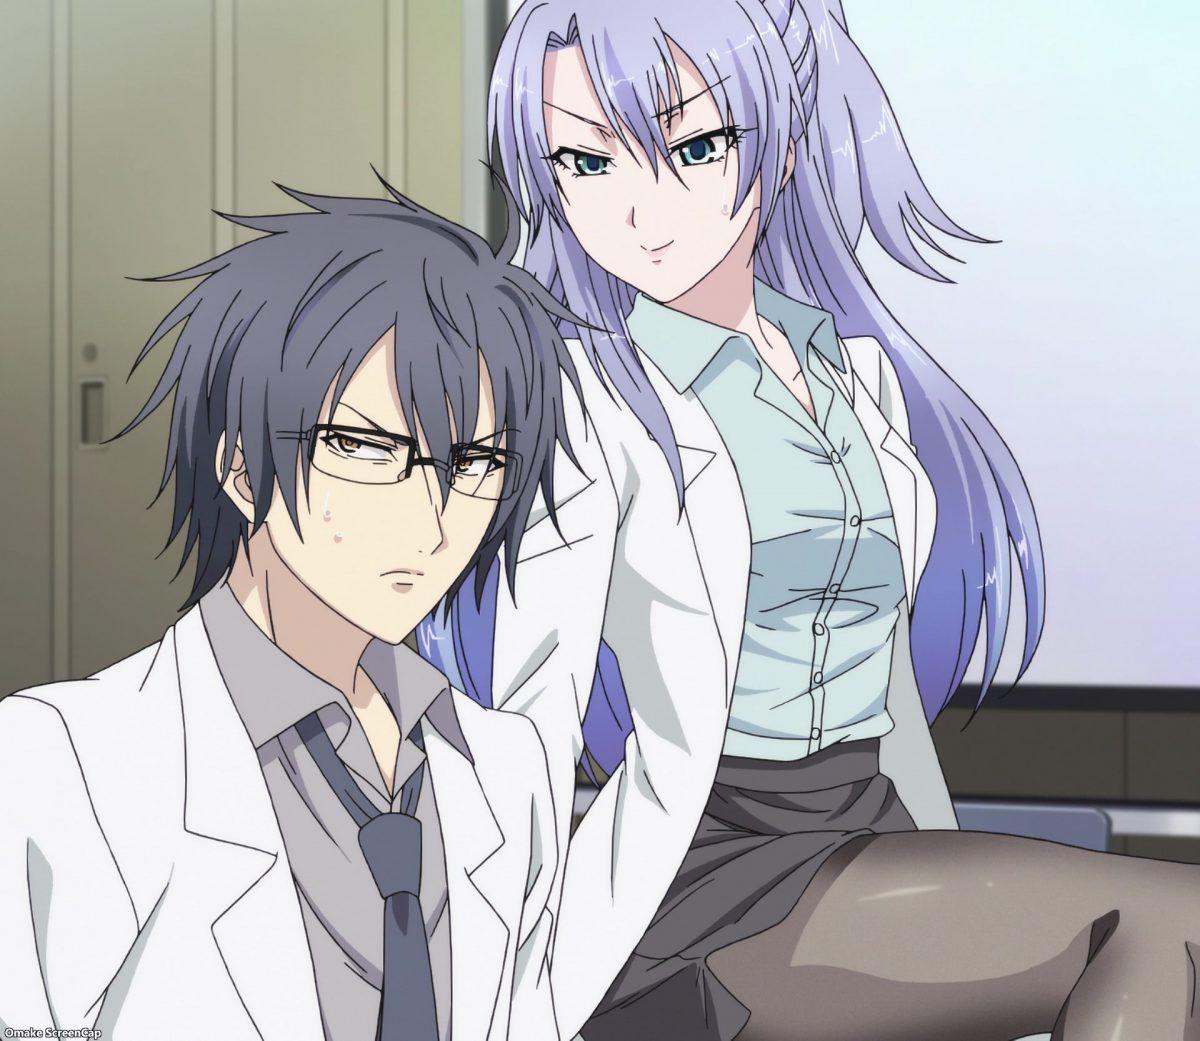 Rikei Ga Koi Ni Ochita No De Shoumei Shitemita Episode 2 Ayame Smug Look At Shinya